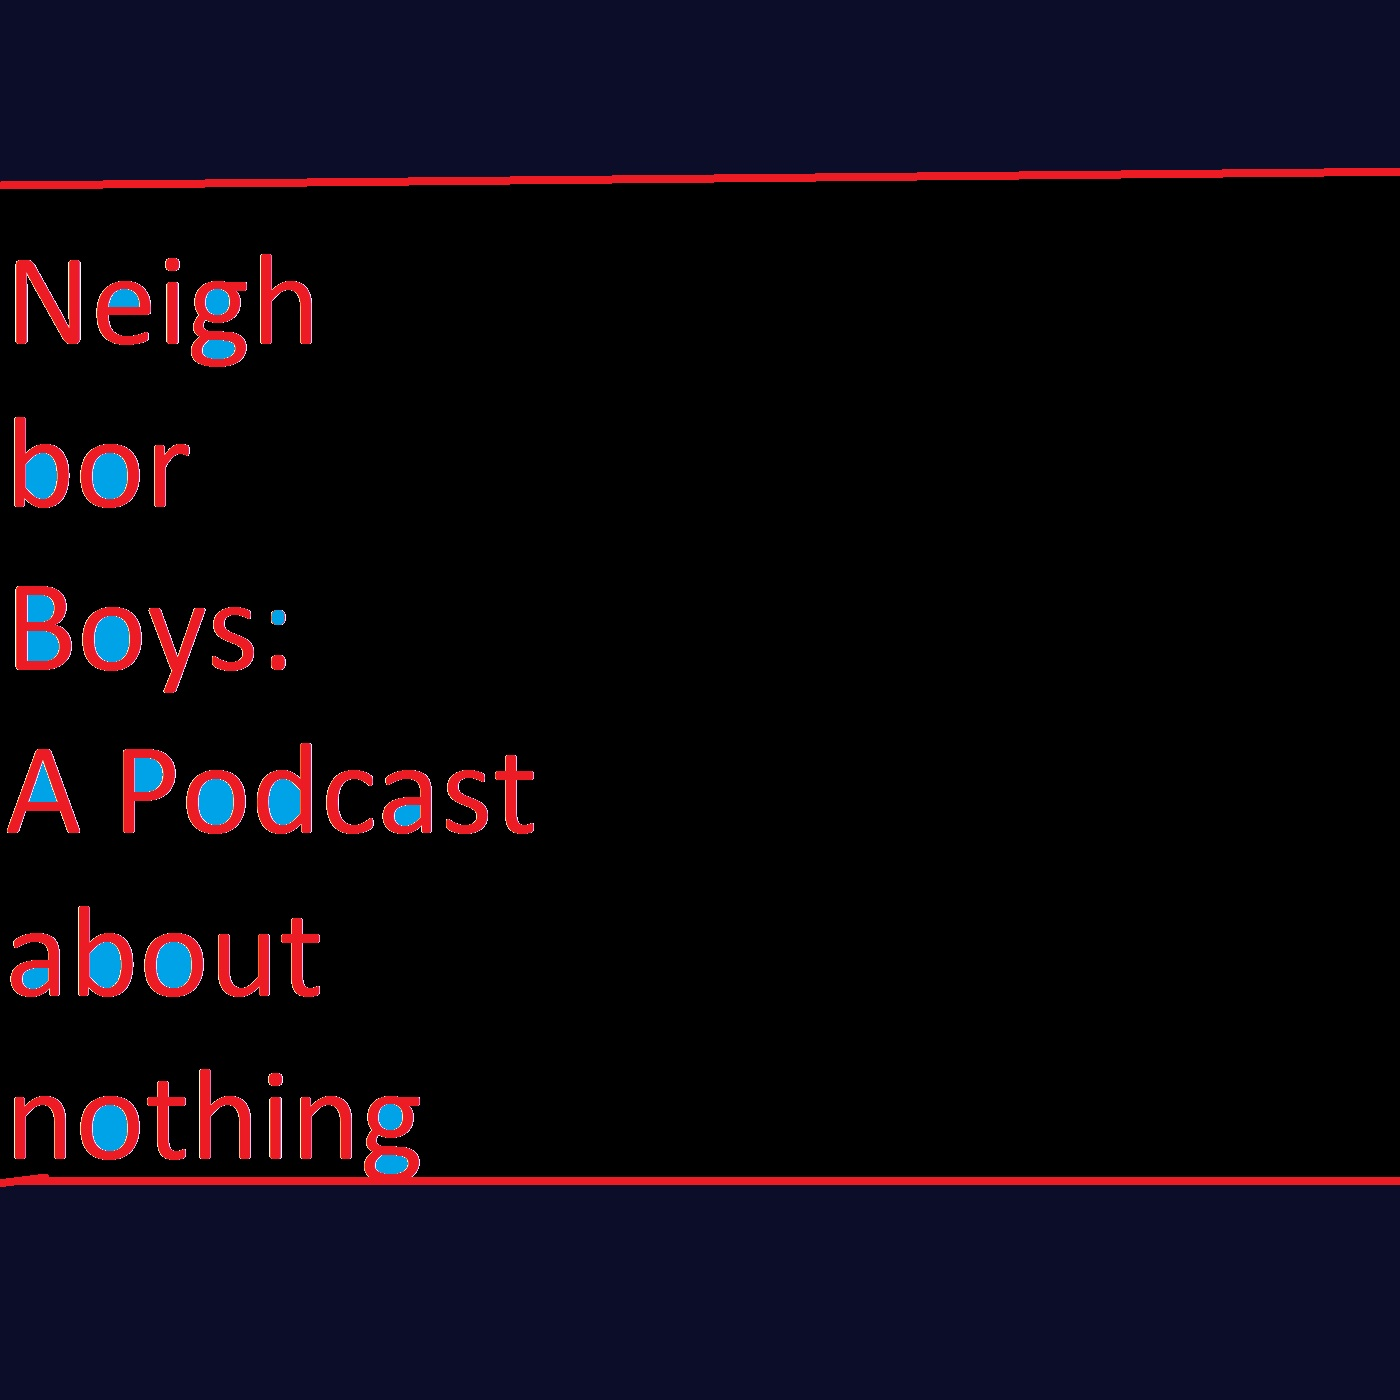 Neighbor Boys